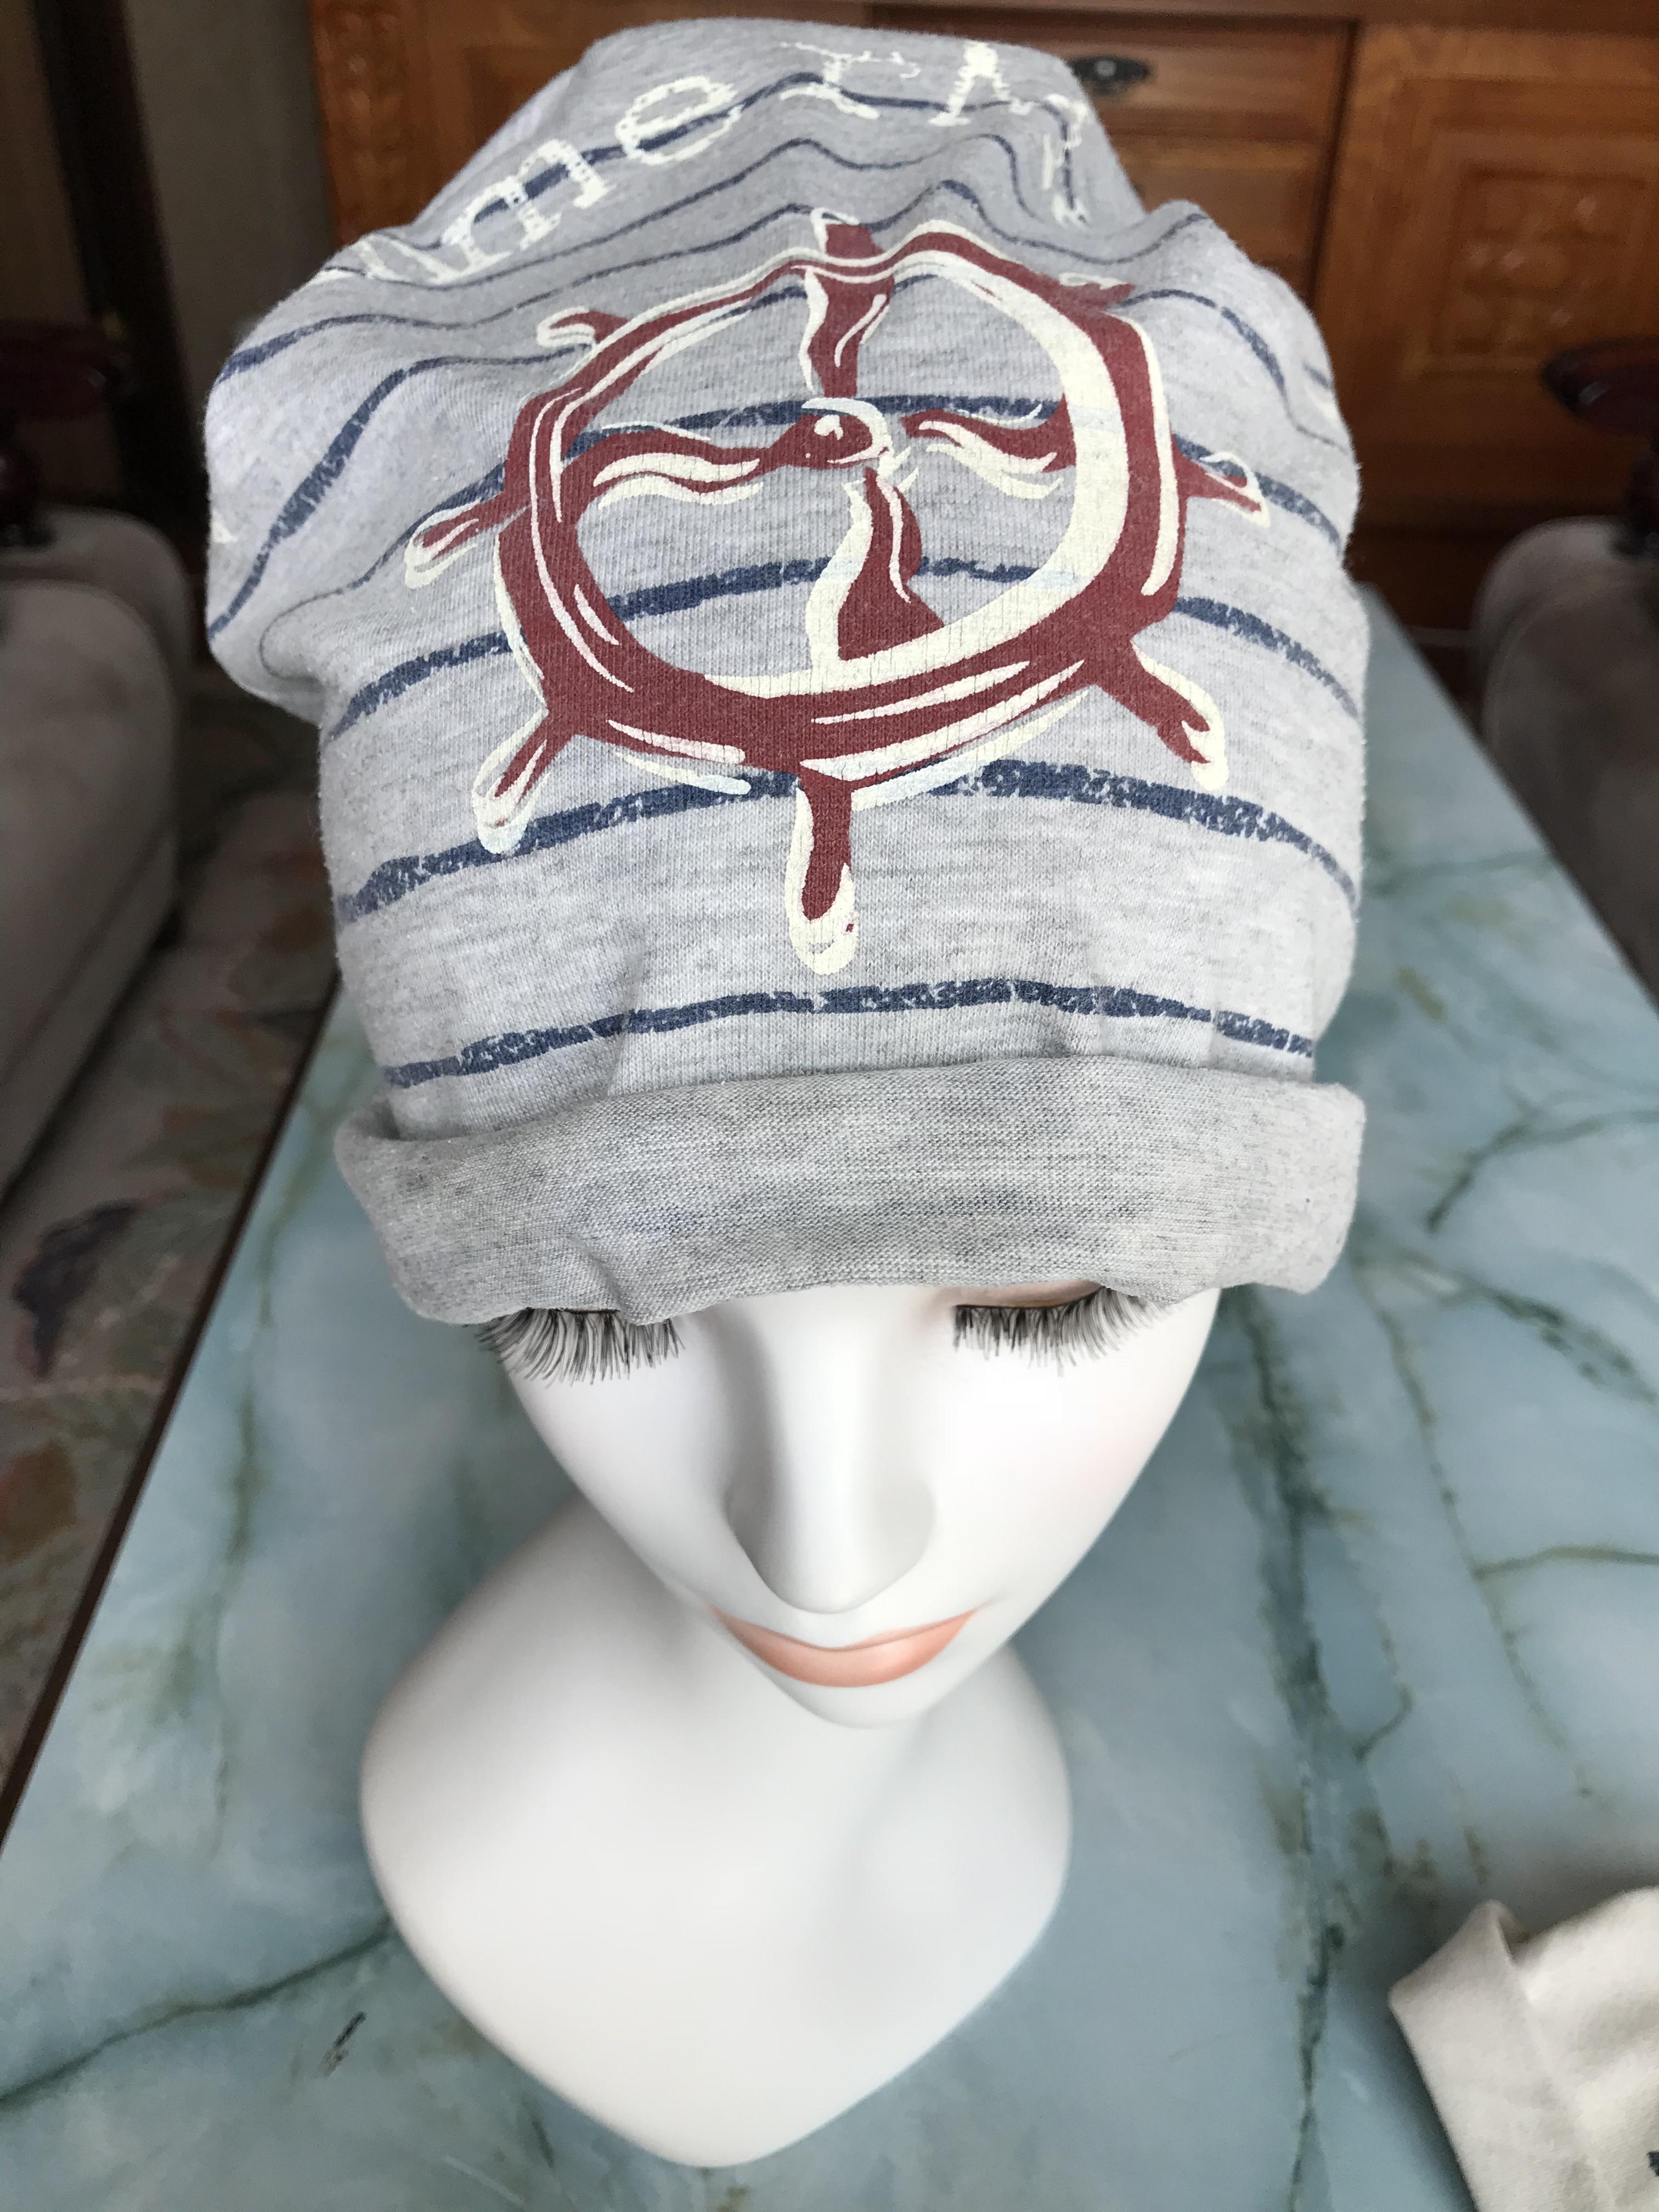 抗がん剤用 ケア帽子 Tシャツをリメイクして作ってみた